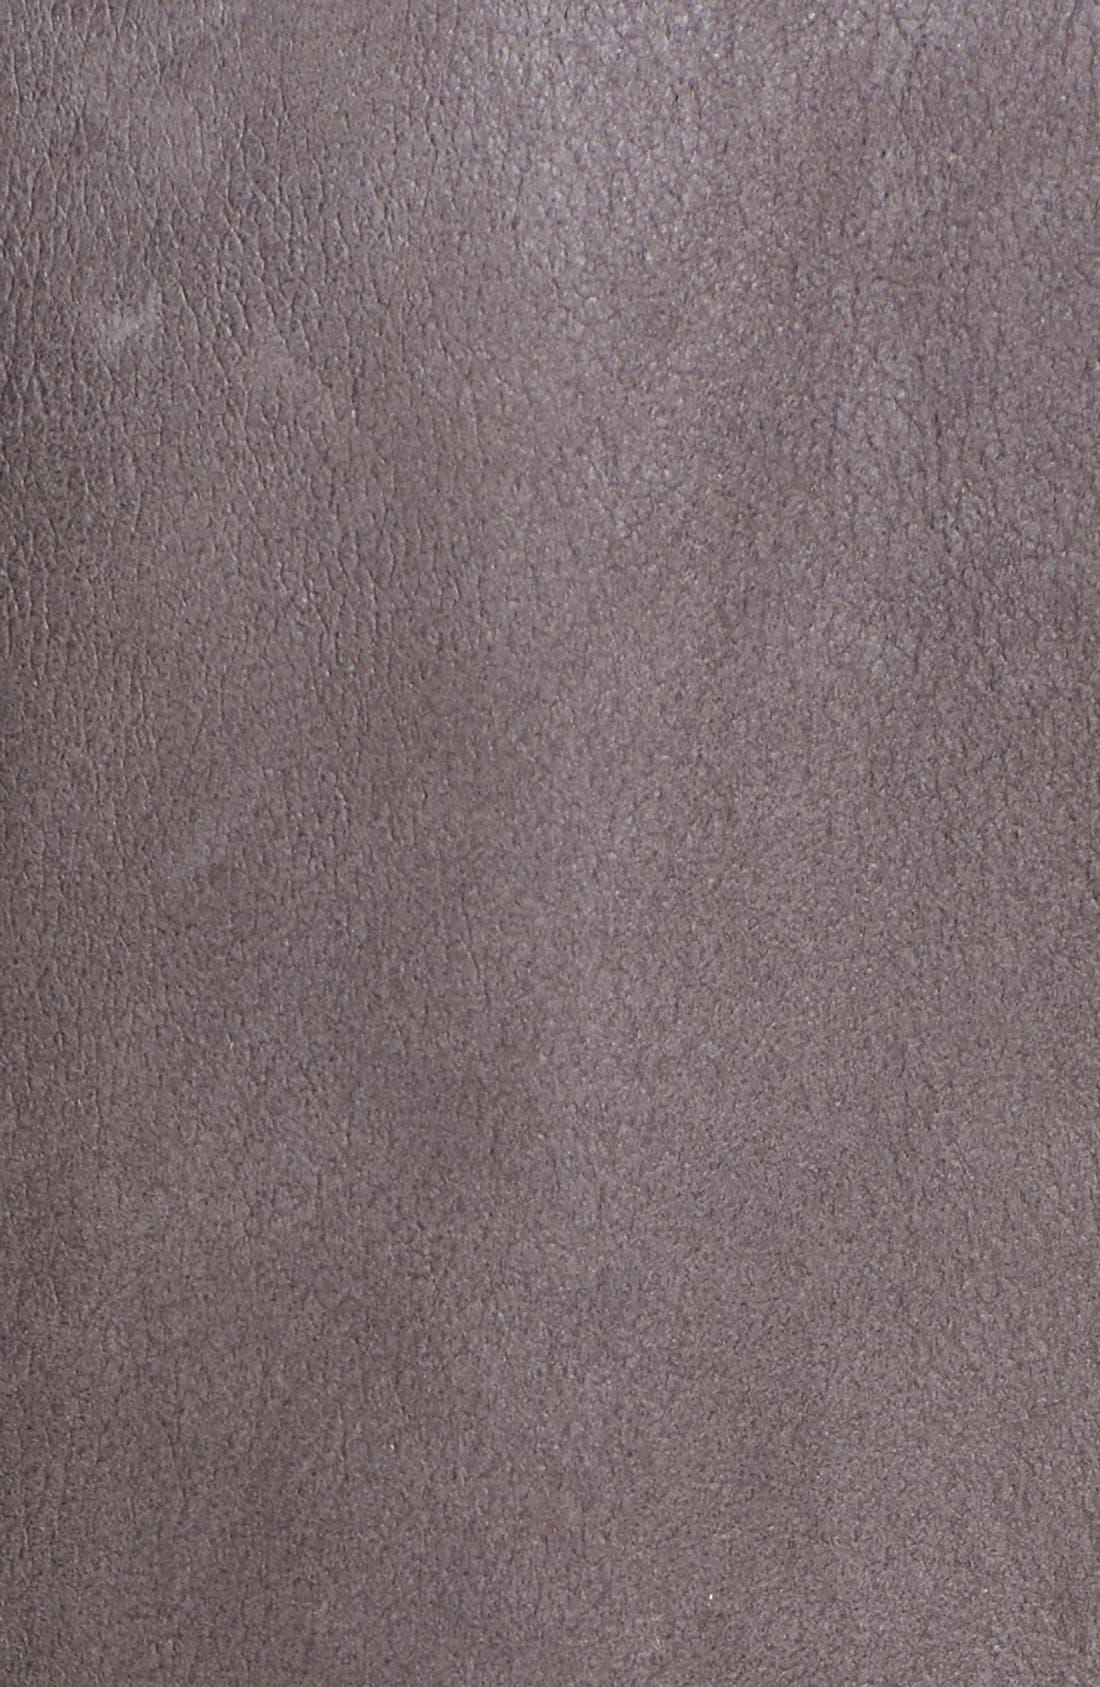 Reversible Genuine Shearling Car Coat,                             Alternate thumbnail 6, color,                             082